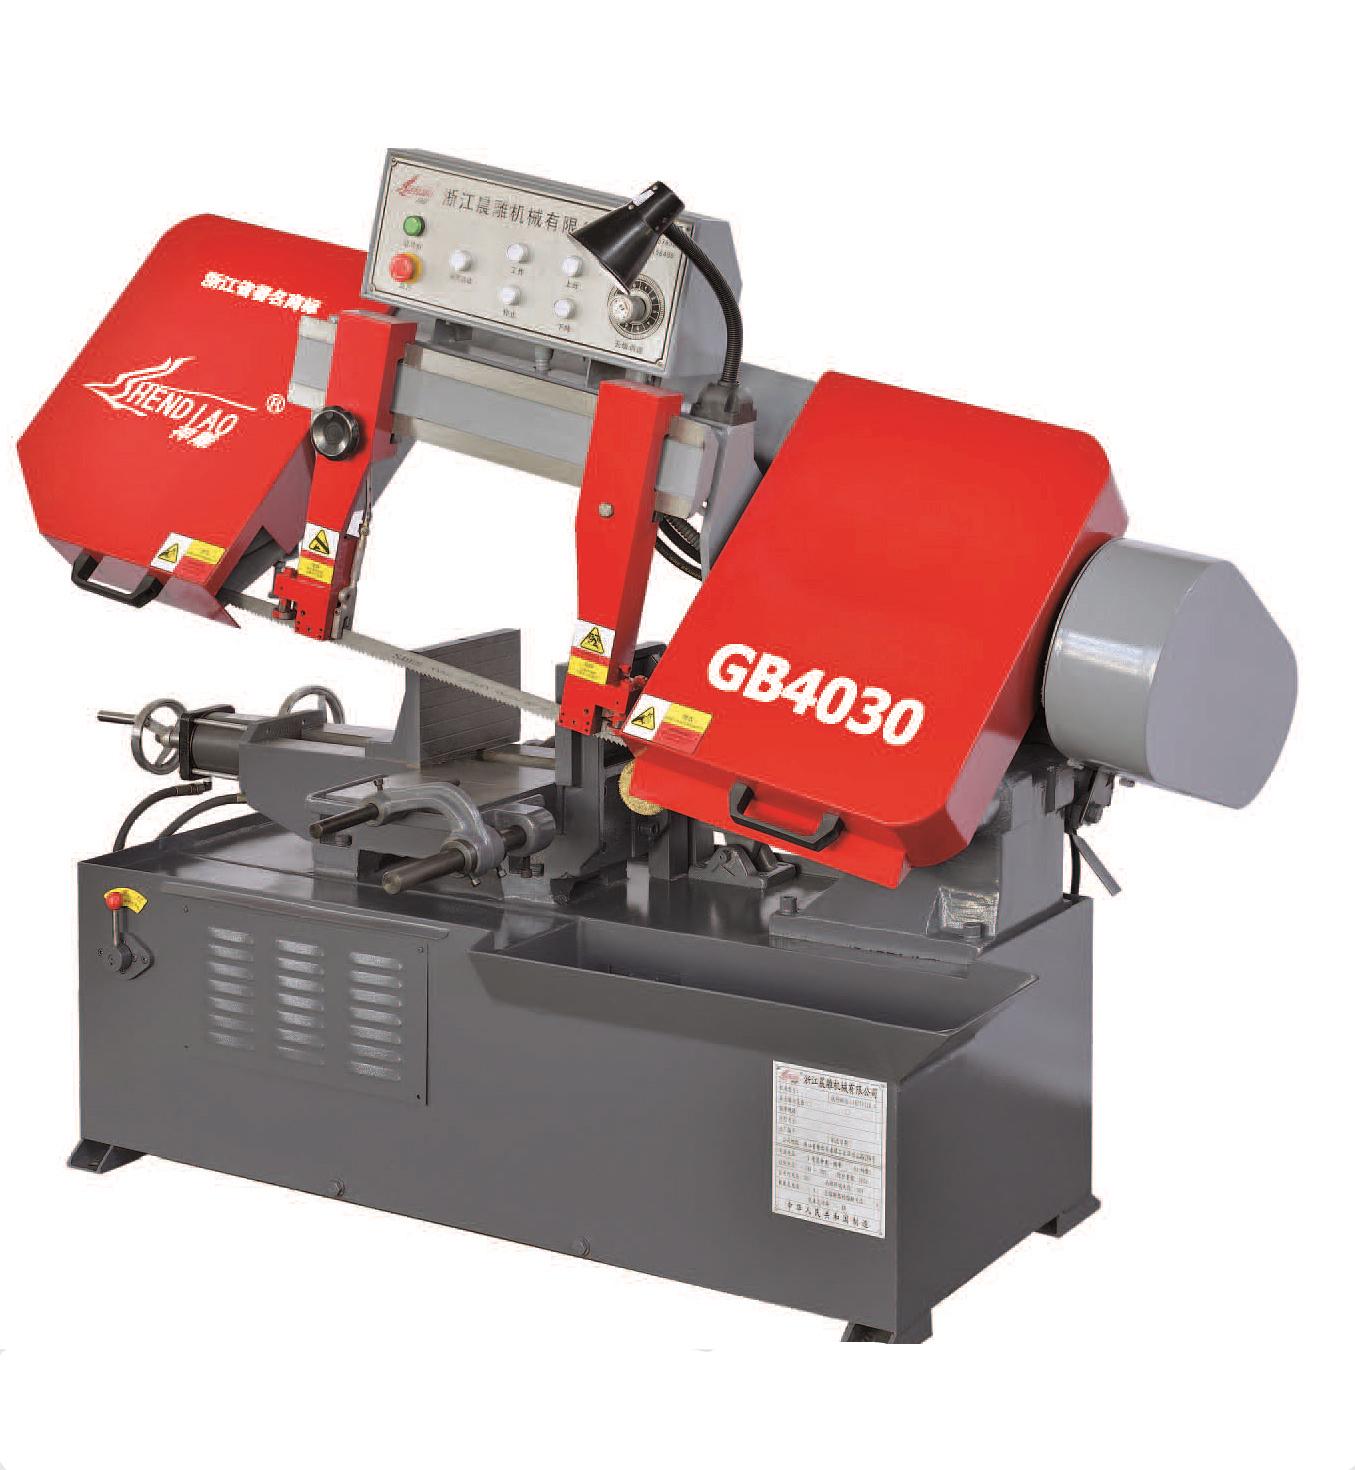 格迅特机械GB4030带锯床